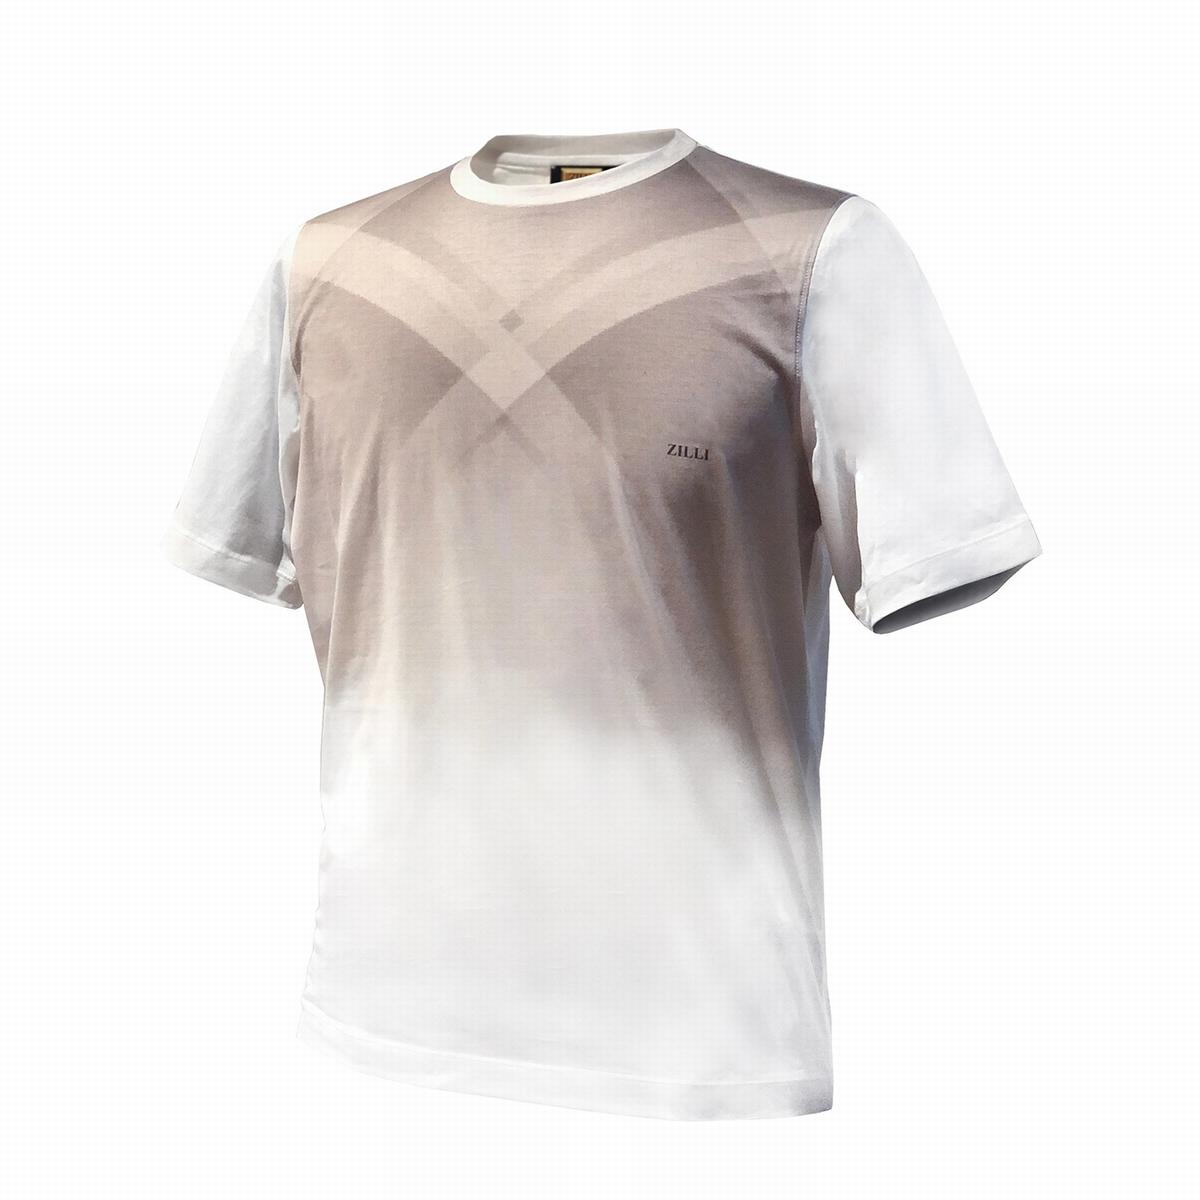 堅実な究極の ZILLI (ジリー)シャツ カットソー Tシャツ メンズ ZILLI ジリー コットン 高級 トップス 半袖, 電脳倉庫 サイバーカナモト e0420b49